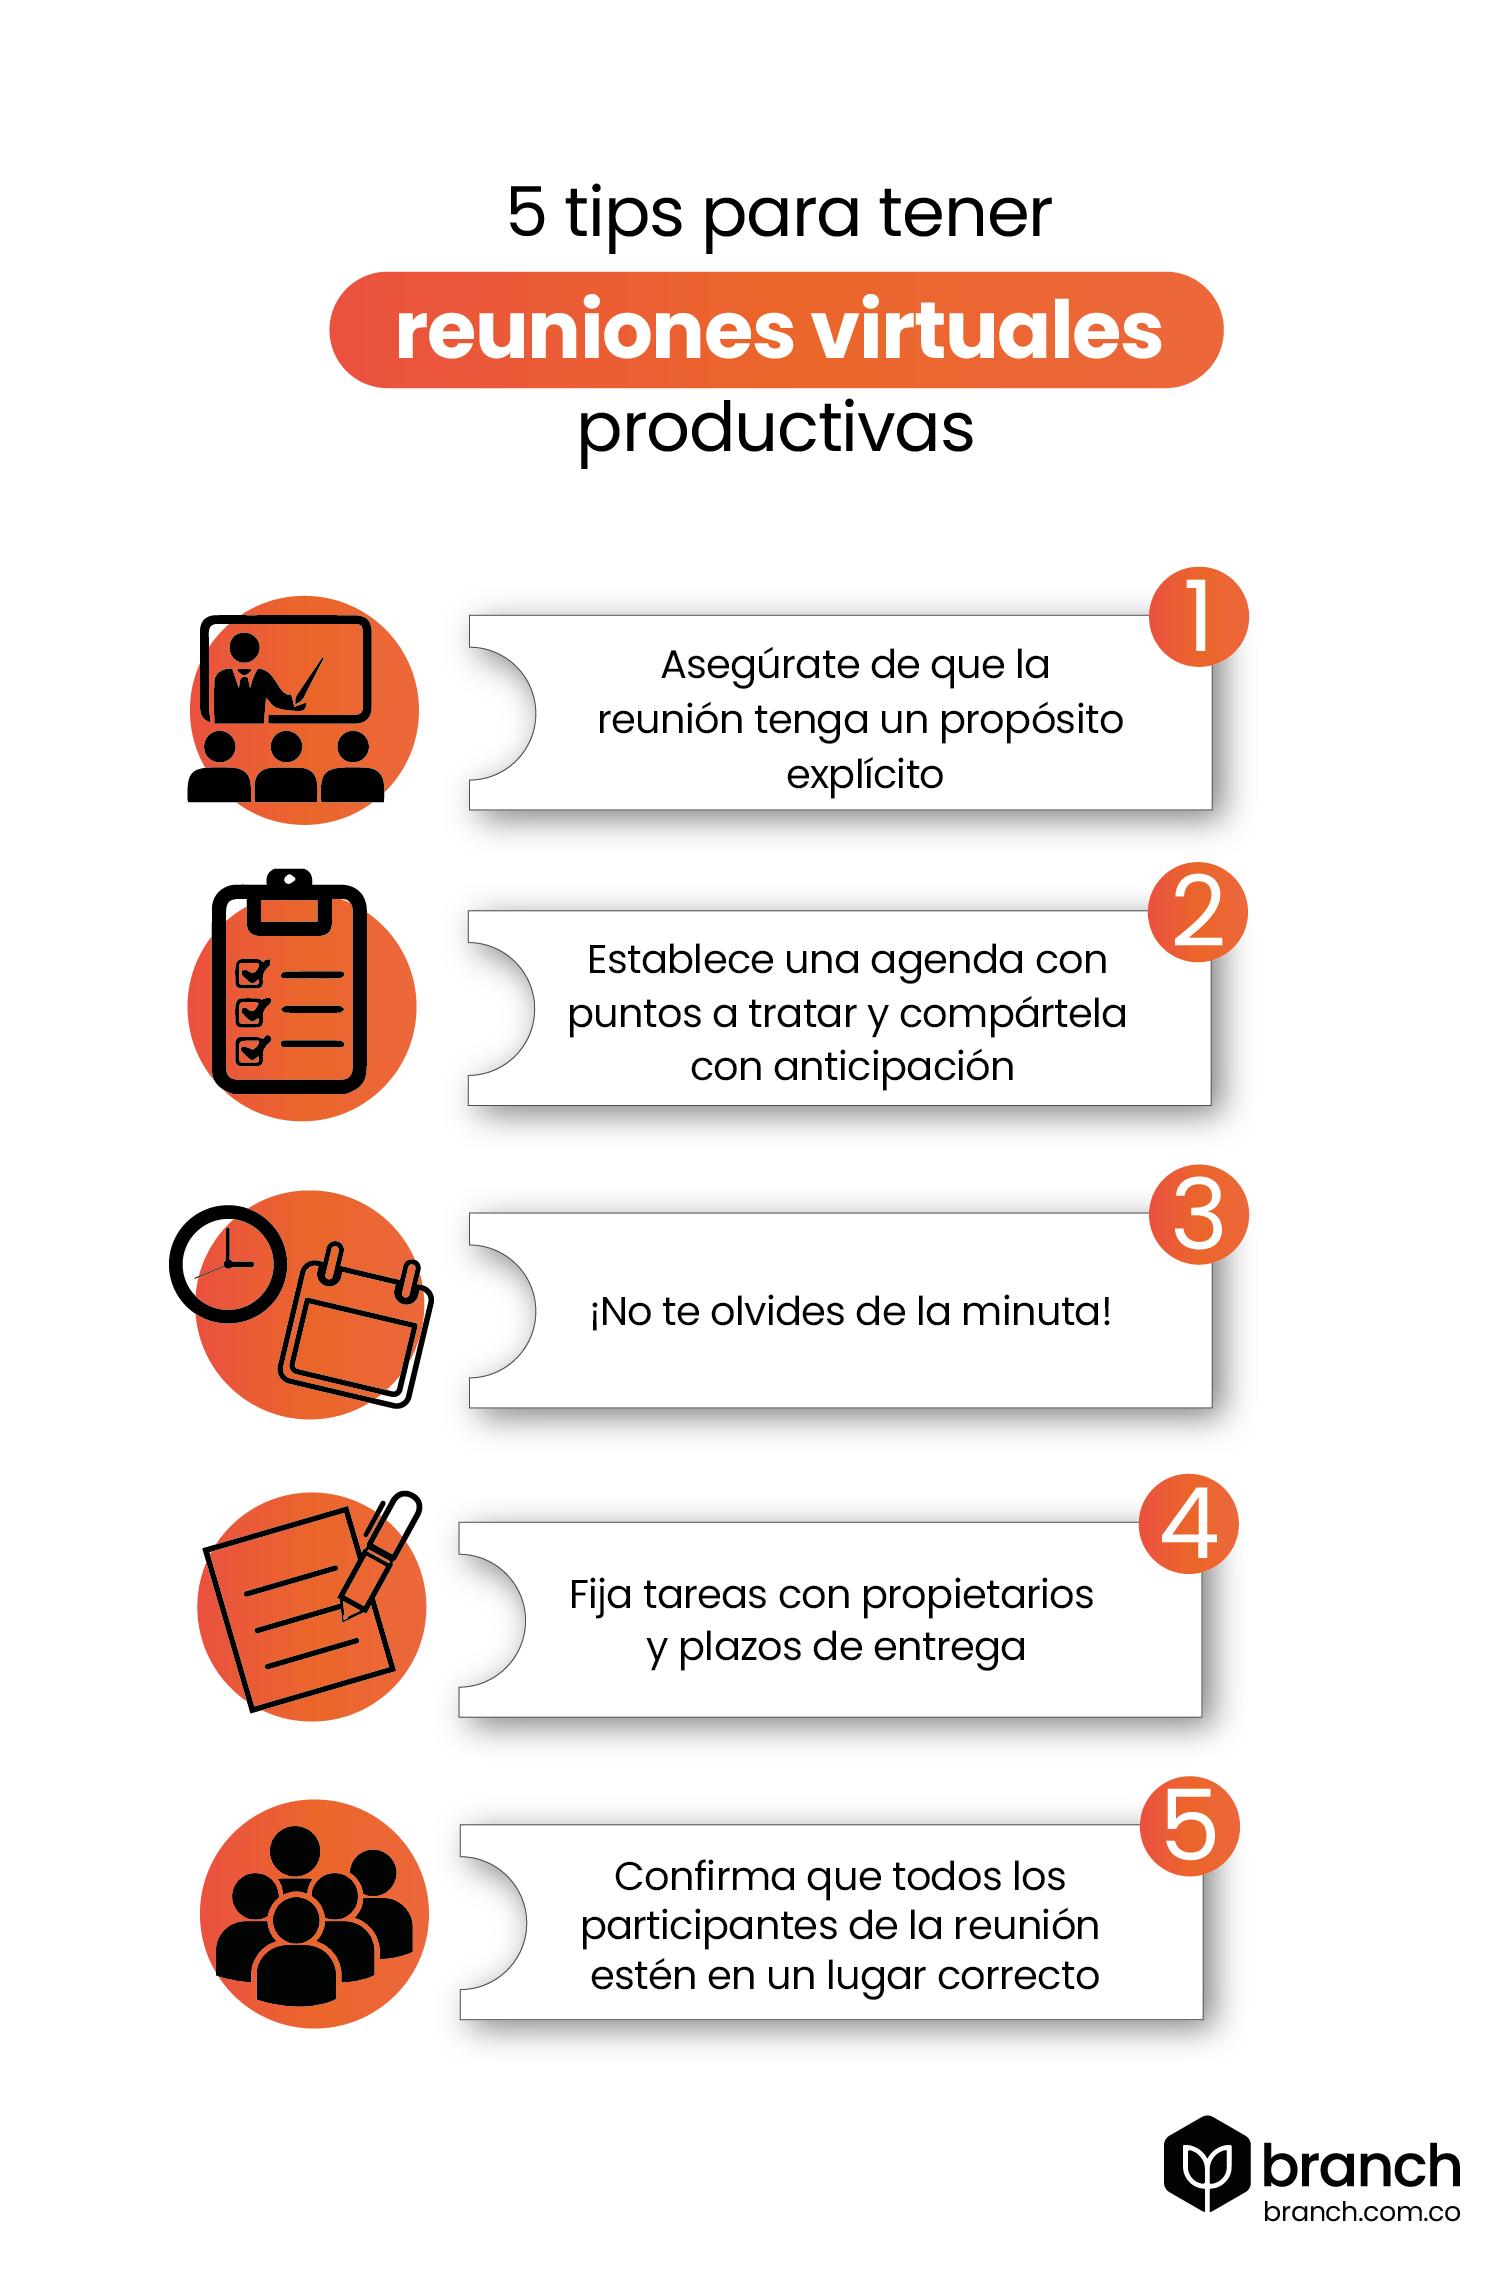 5-tips-para-tener-reuniones-virtuales-productiva